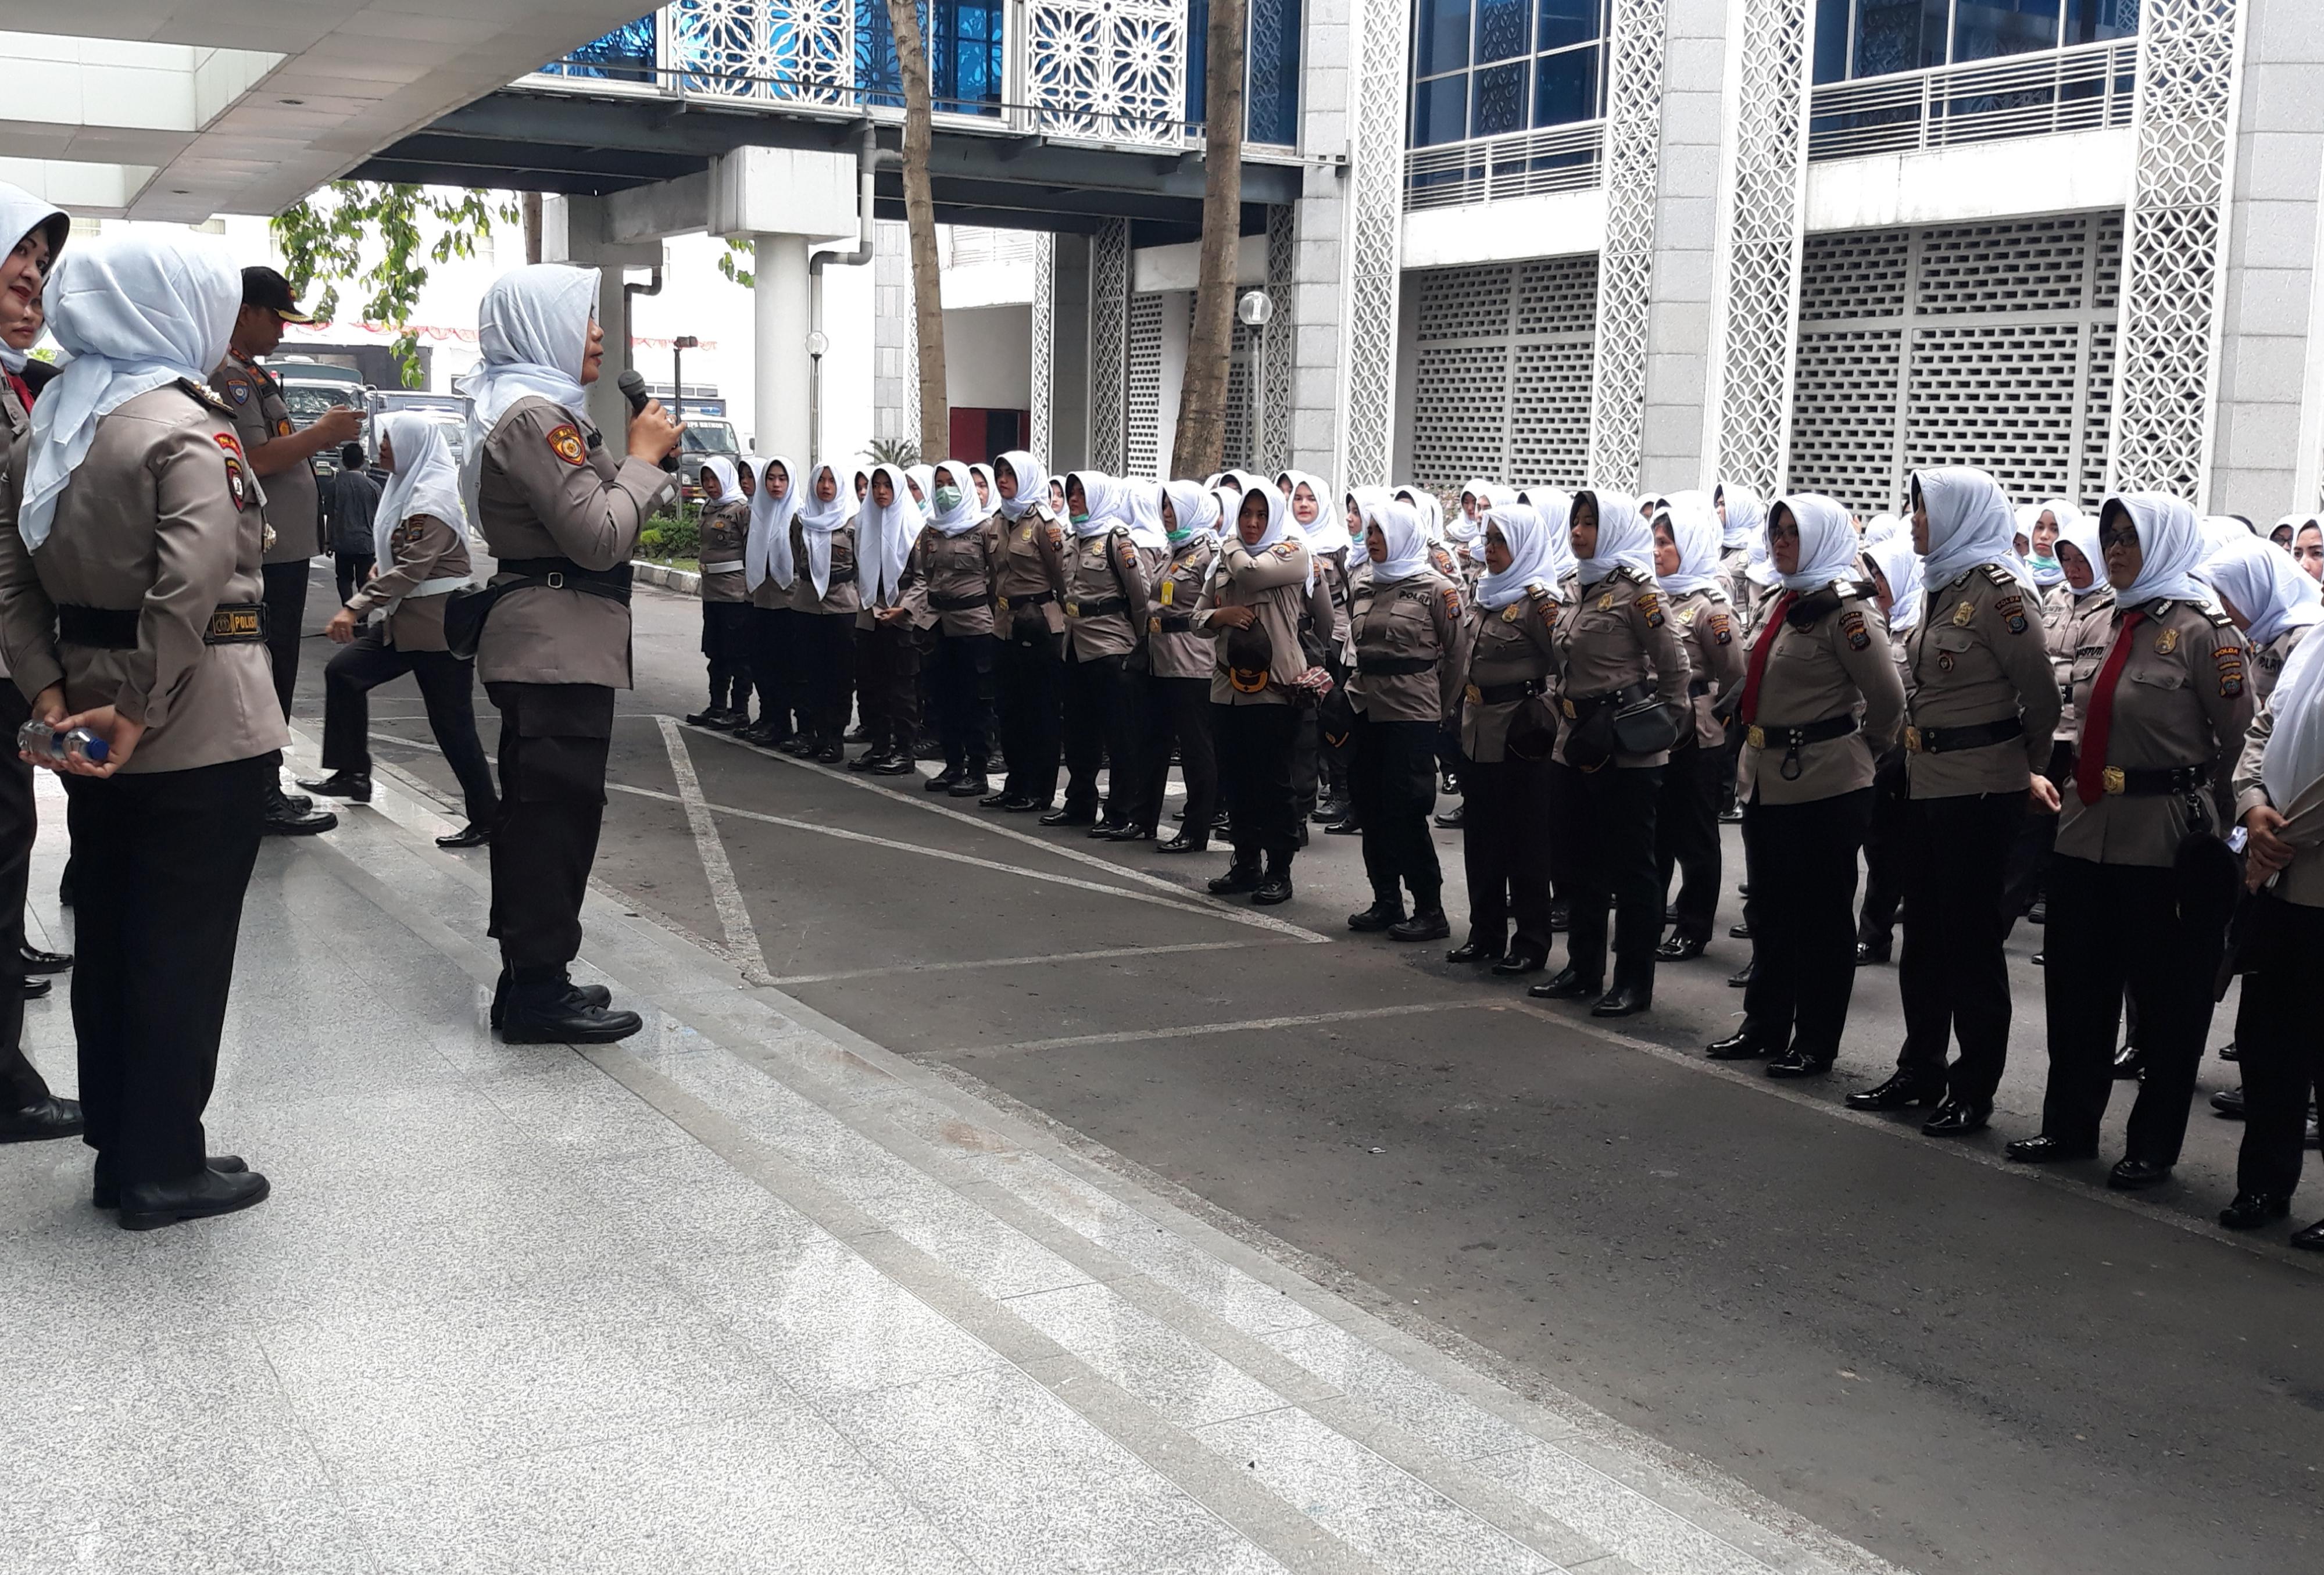 Ratusan Polwan Berkerudung Putih Disiapkan Dalam Pengamanan Demo di Gedung DPRD Sumut